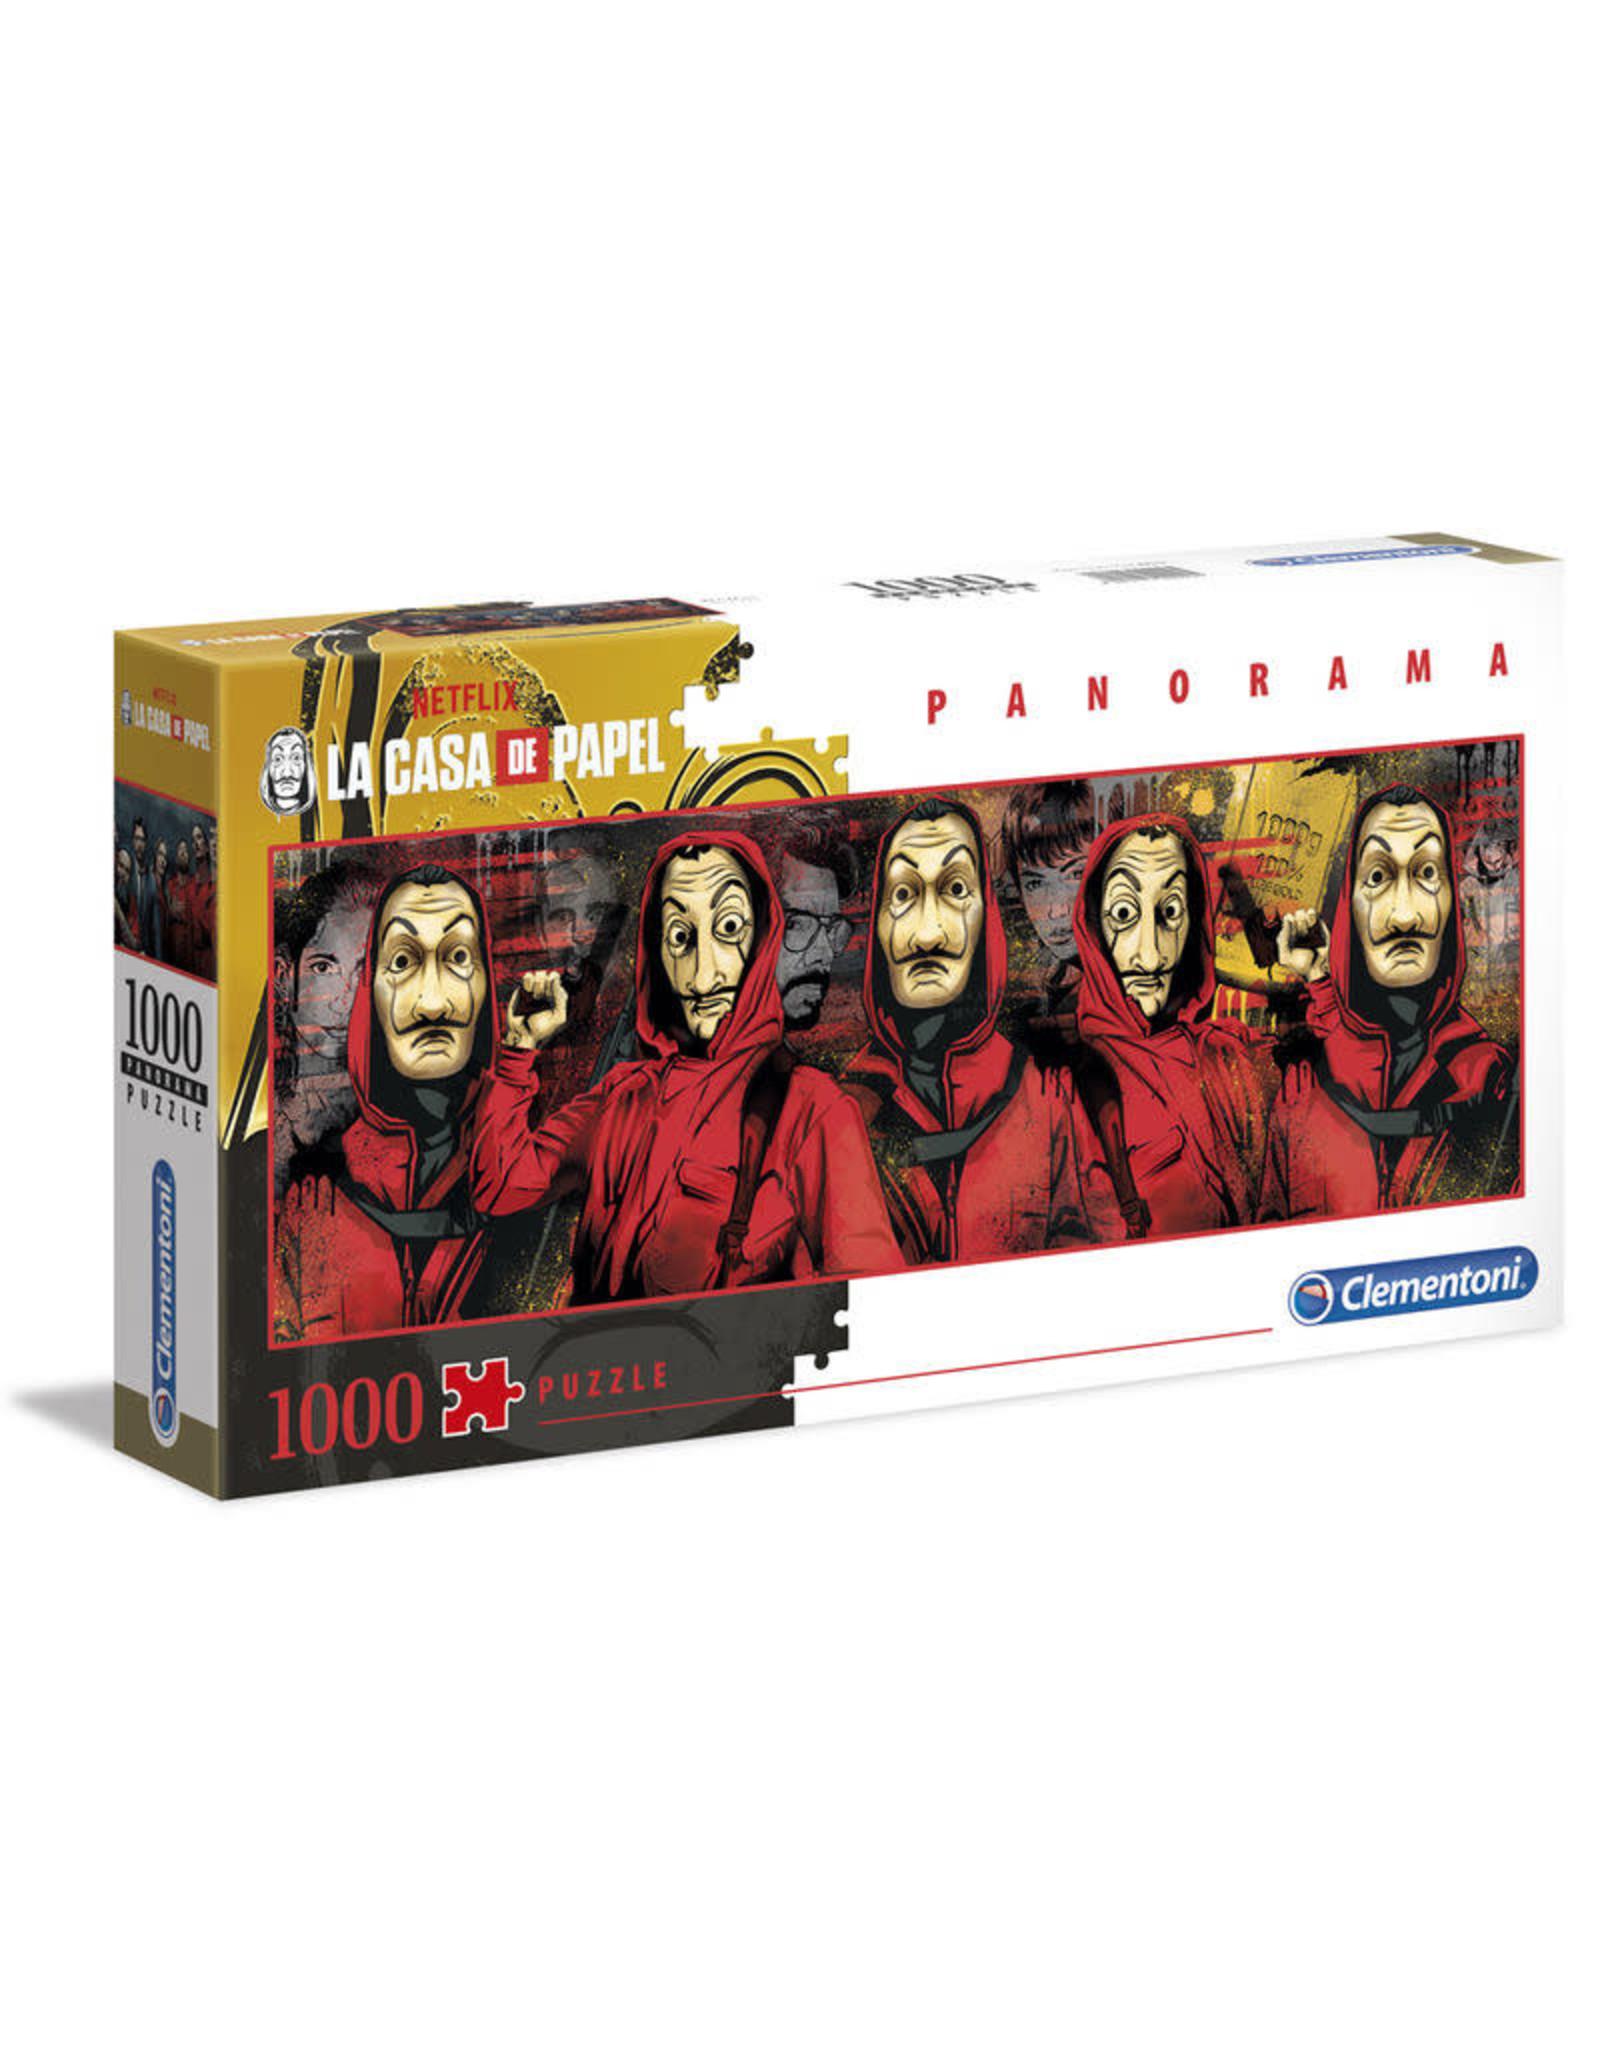 Clementoni CASA  DE PAPEL Puzzle 1000P - Panorama